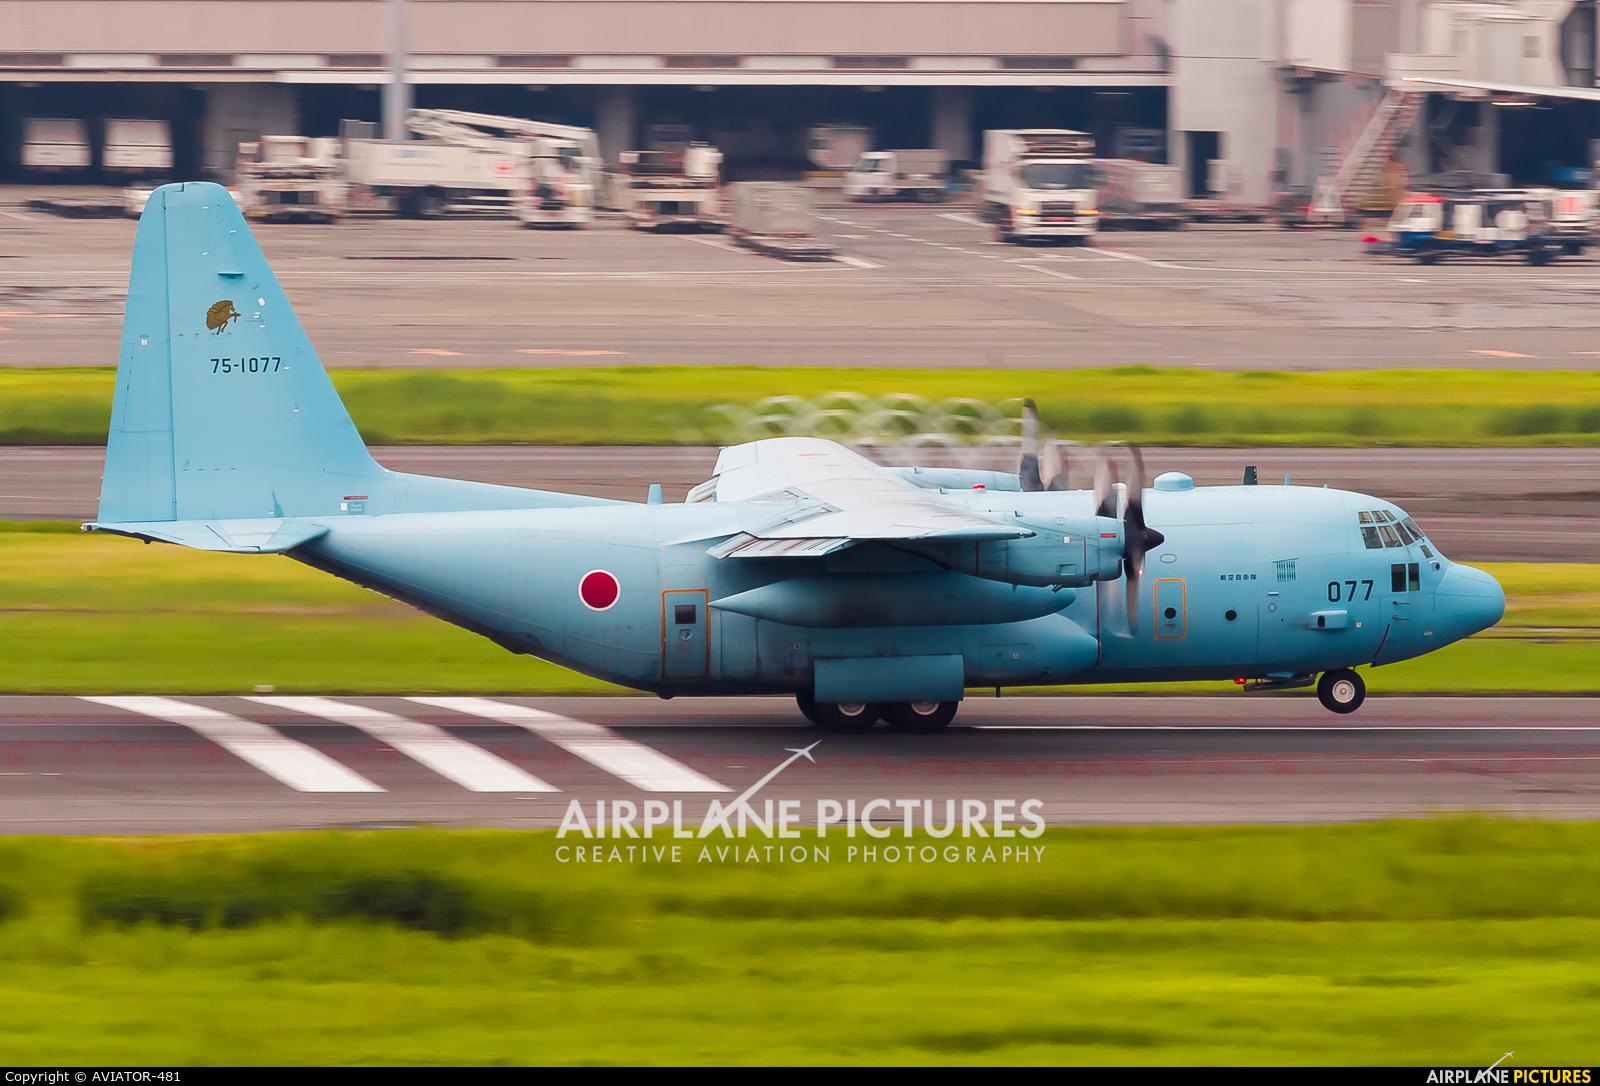 Japan - Air Self Defence Force 75-1077 aircraft at Tokyo - Haneda Intl